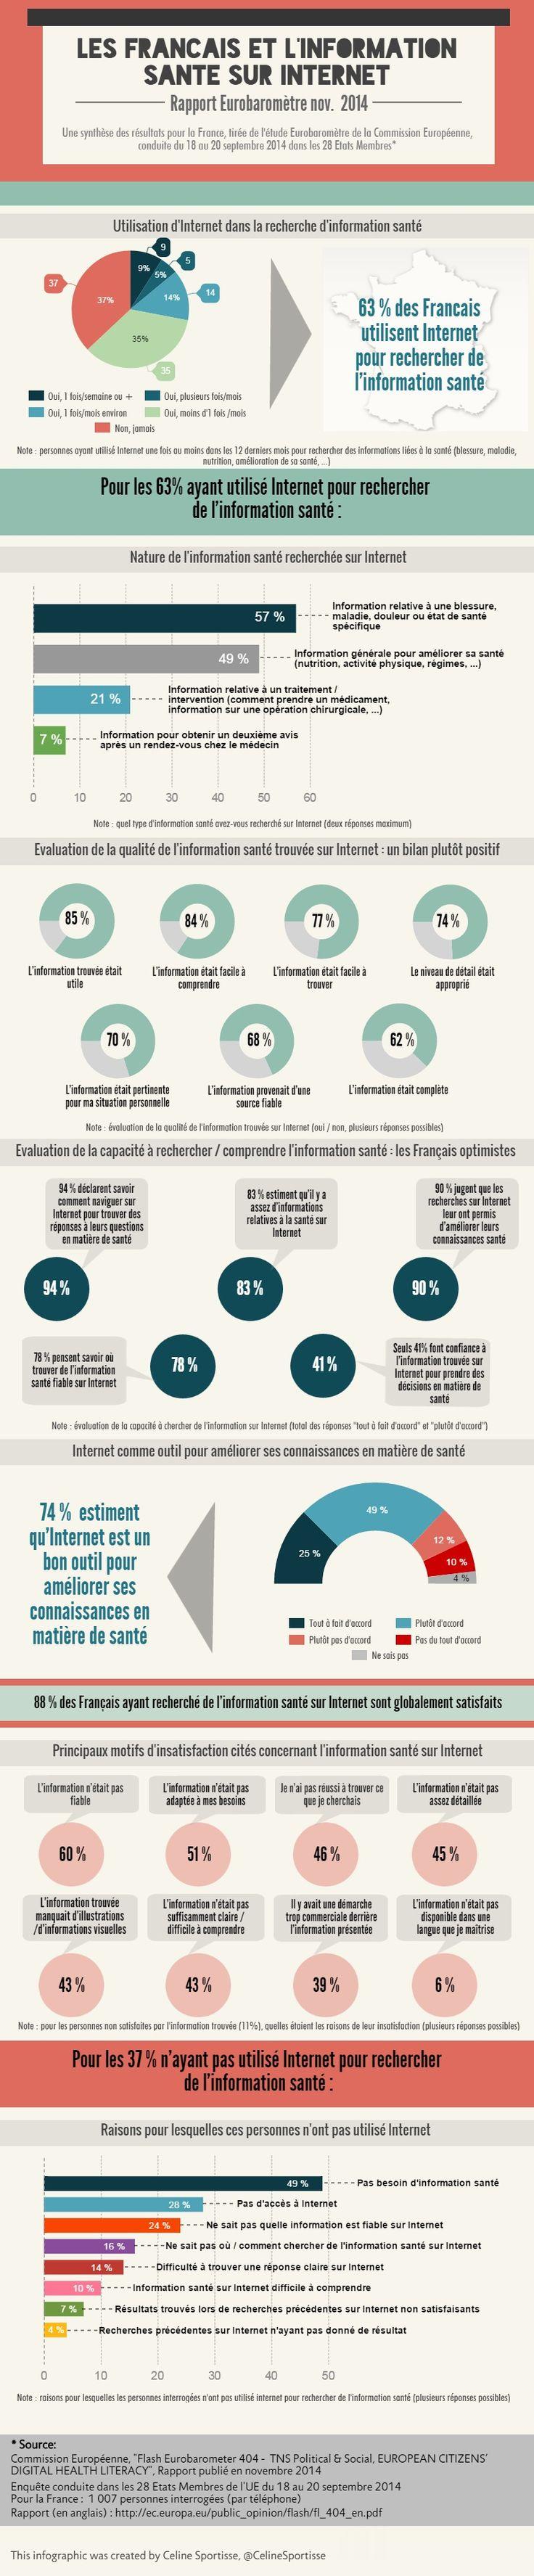 Les Français et l'information #santé sur Internet : infographie